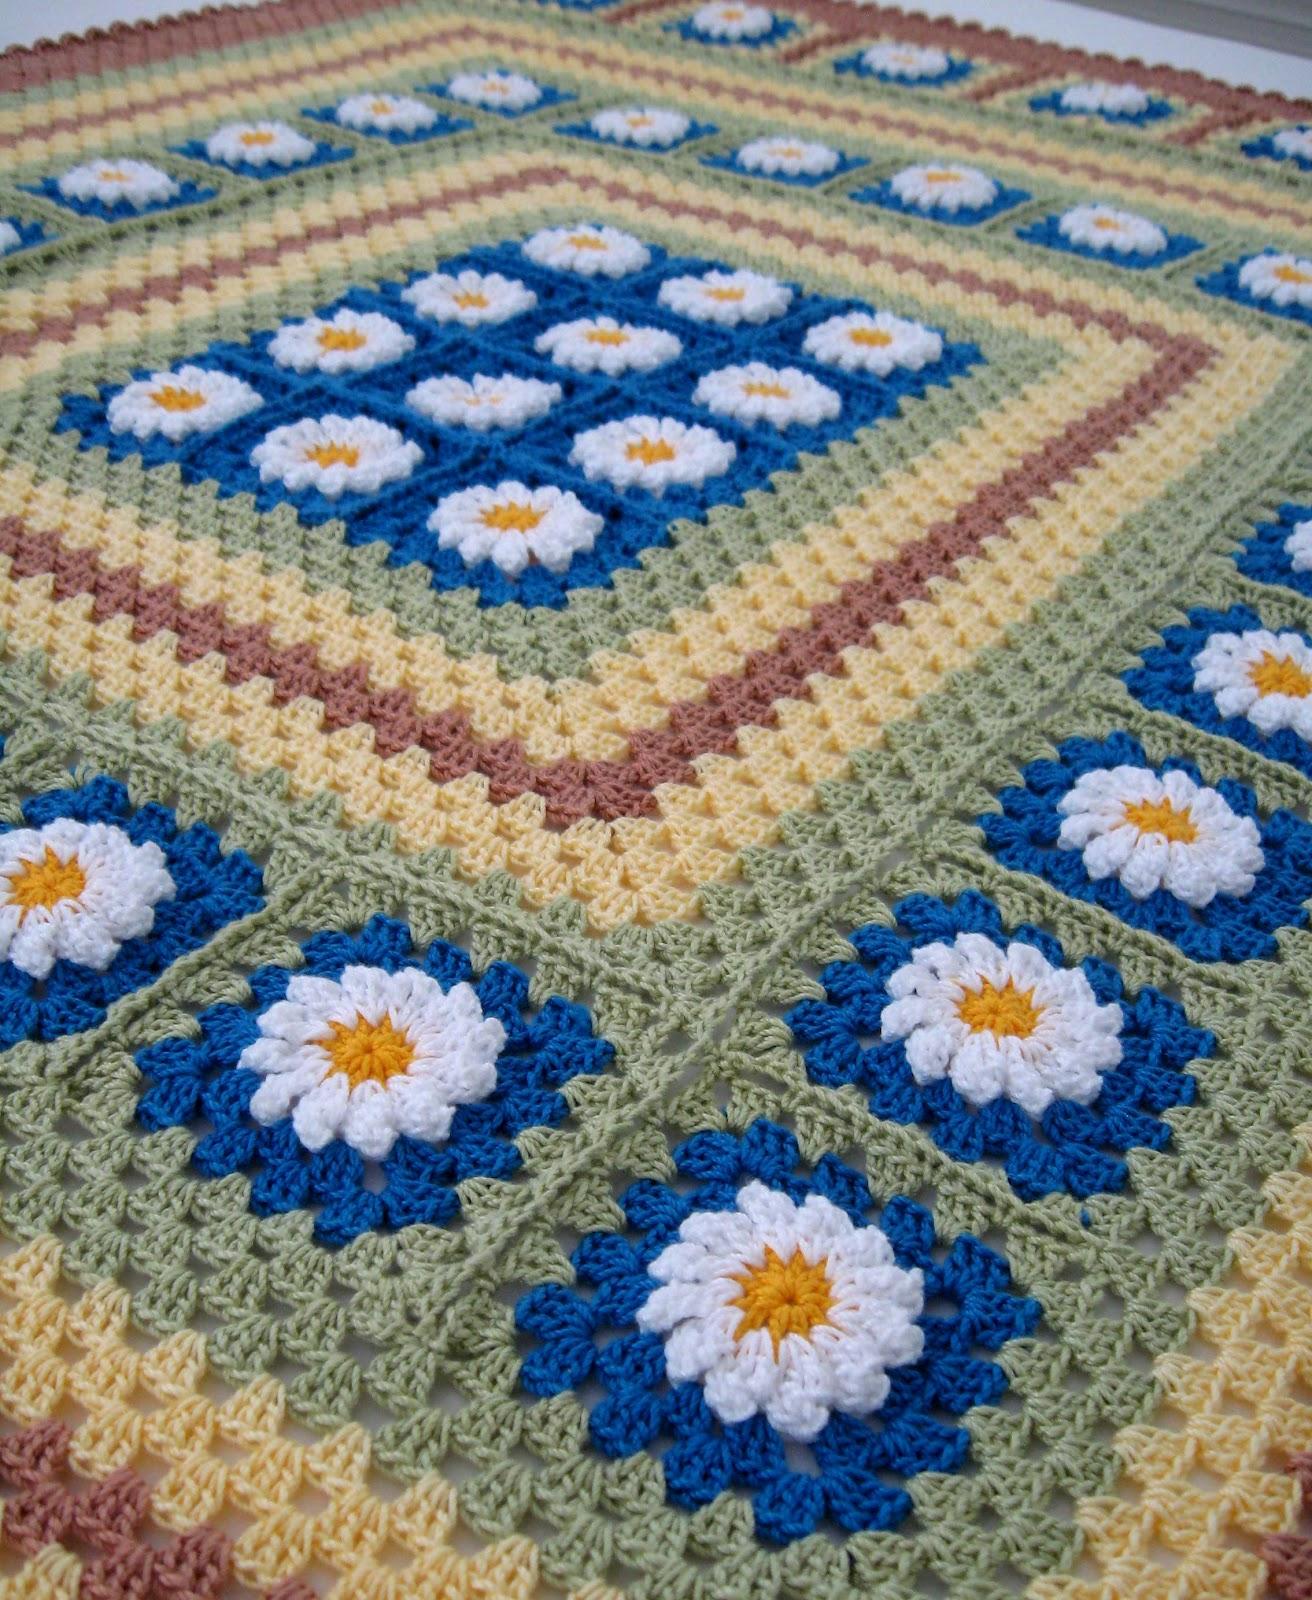 Crochet Daisy Flower Blanket Pattern : Love Crochet: July 2012